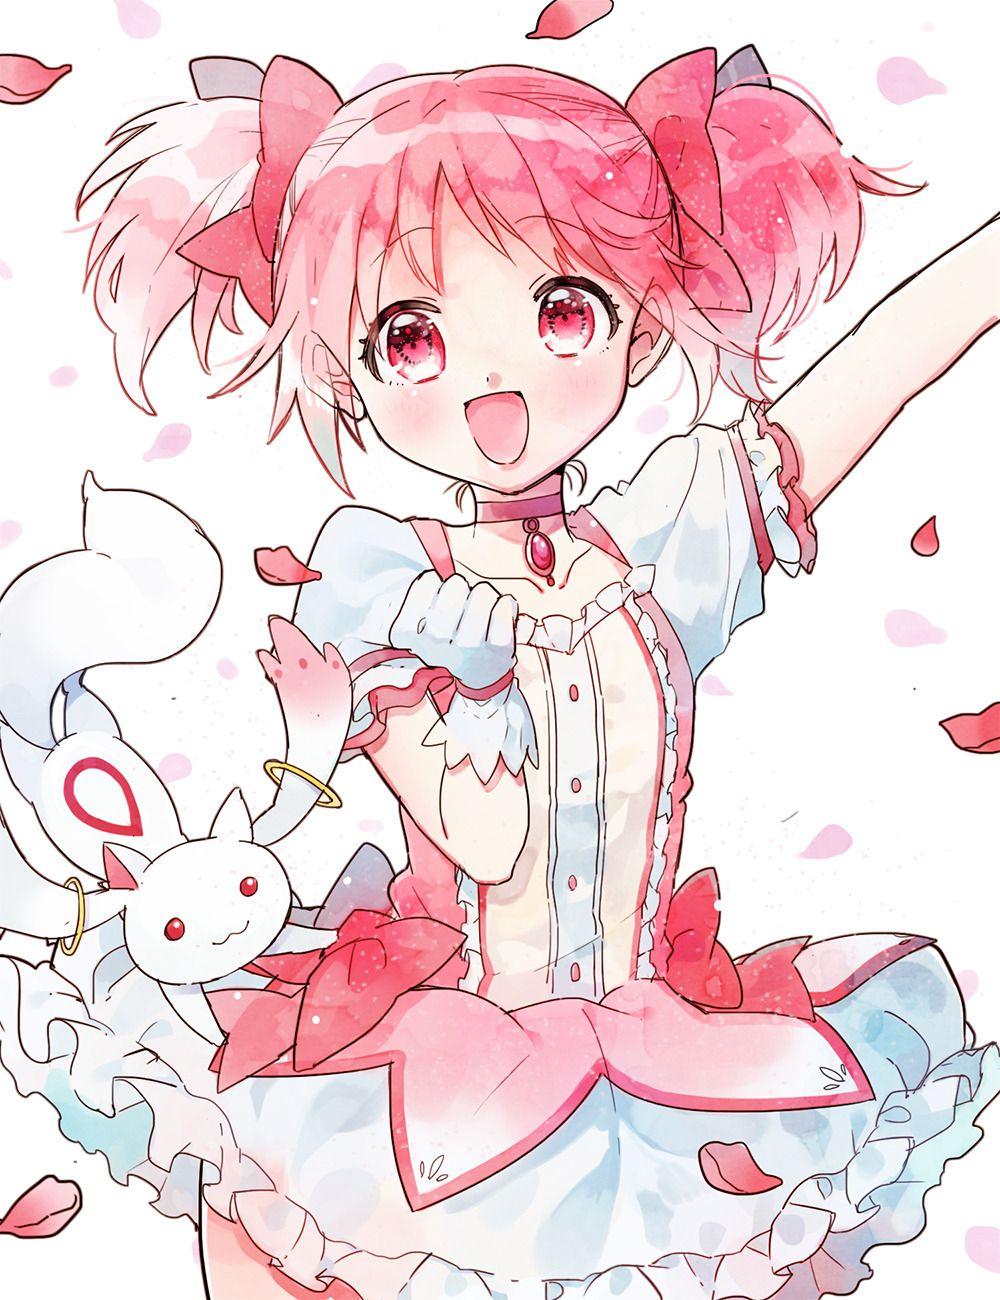 鹿目まどか 無題 まやのイラスト Kawaii Anime Magical Girl